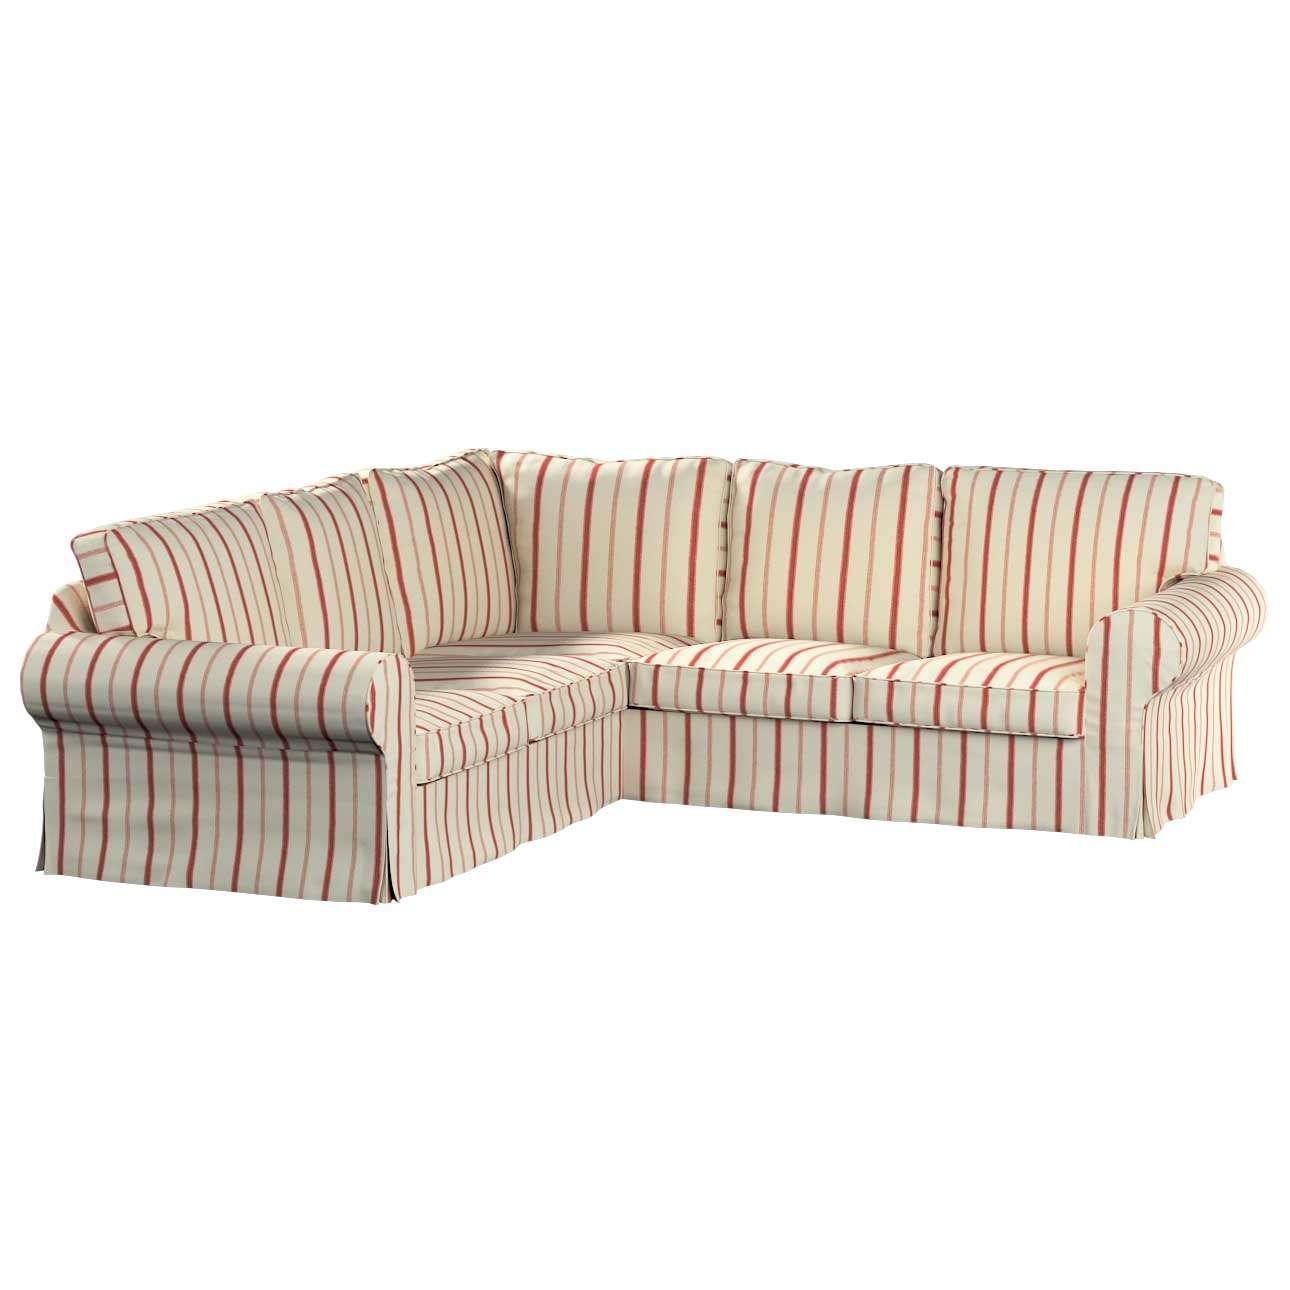 Pokrowiec na sofę narożną Ektorp w kolekcji Avinon, tkanina: 129-15